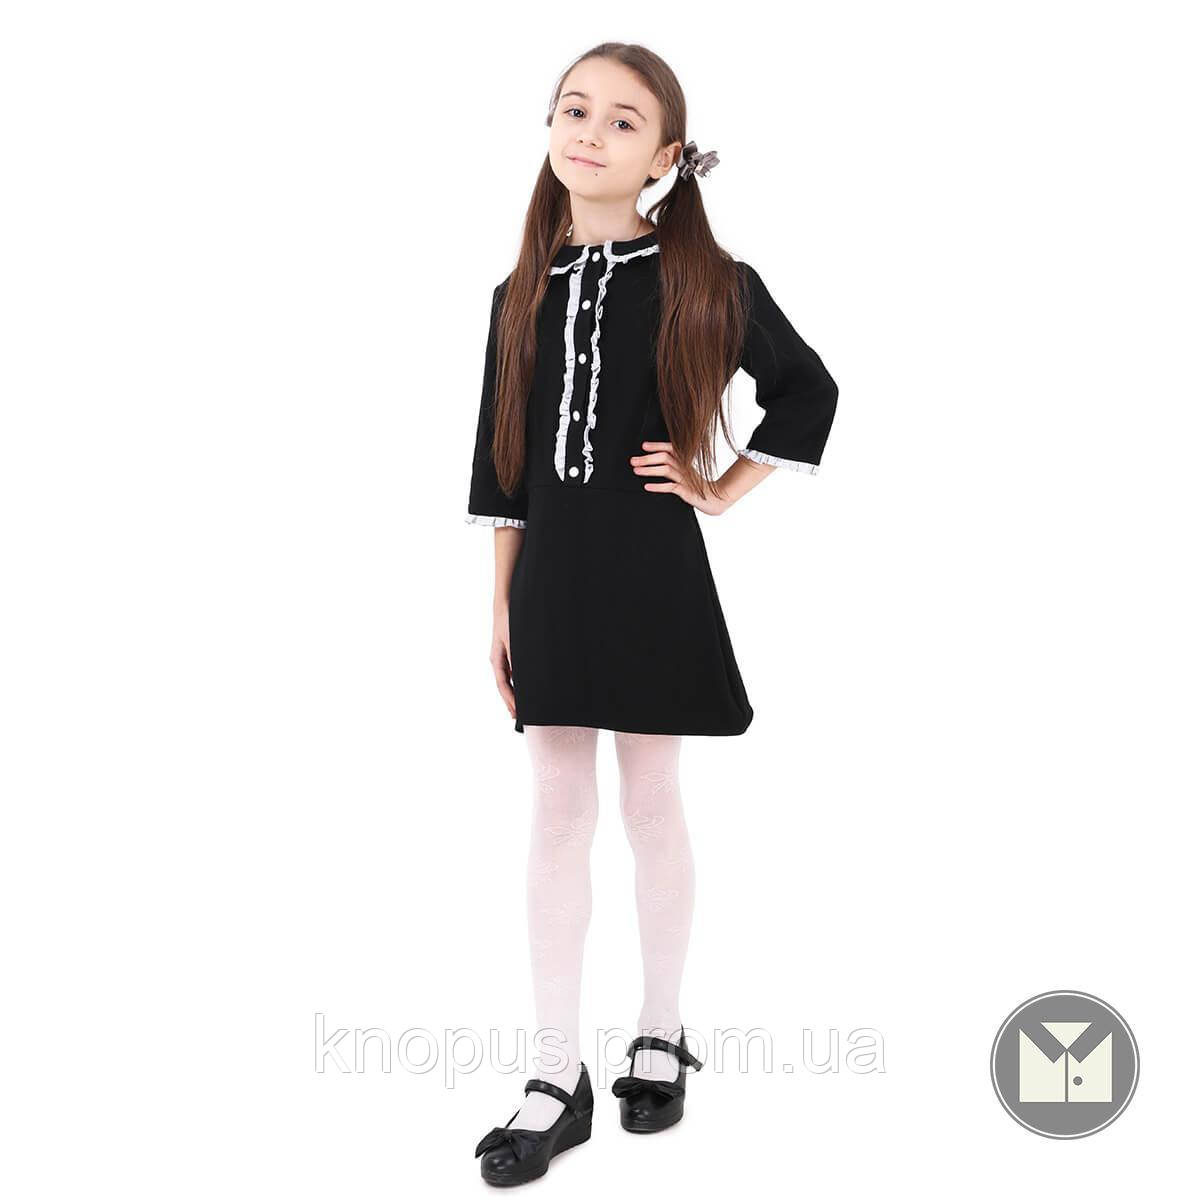 Платье для девочки, Liana рукав 3/4, черное, Timbo, размеры 122-152